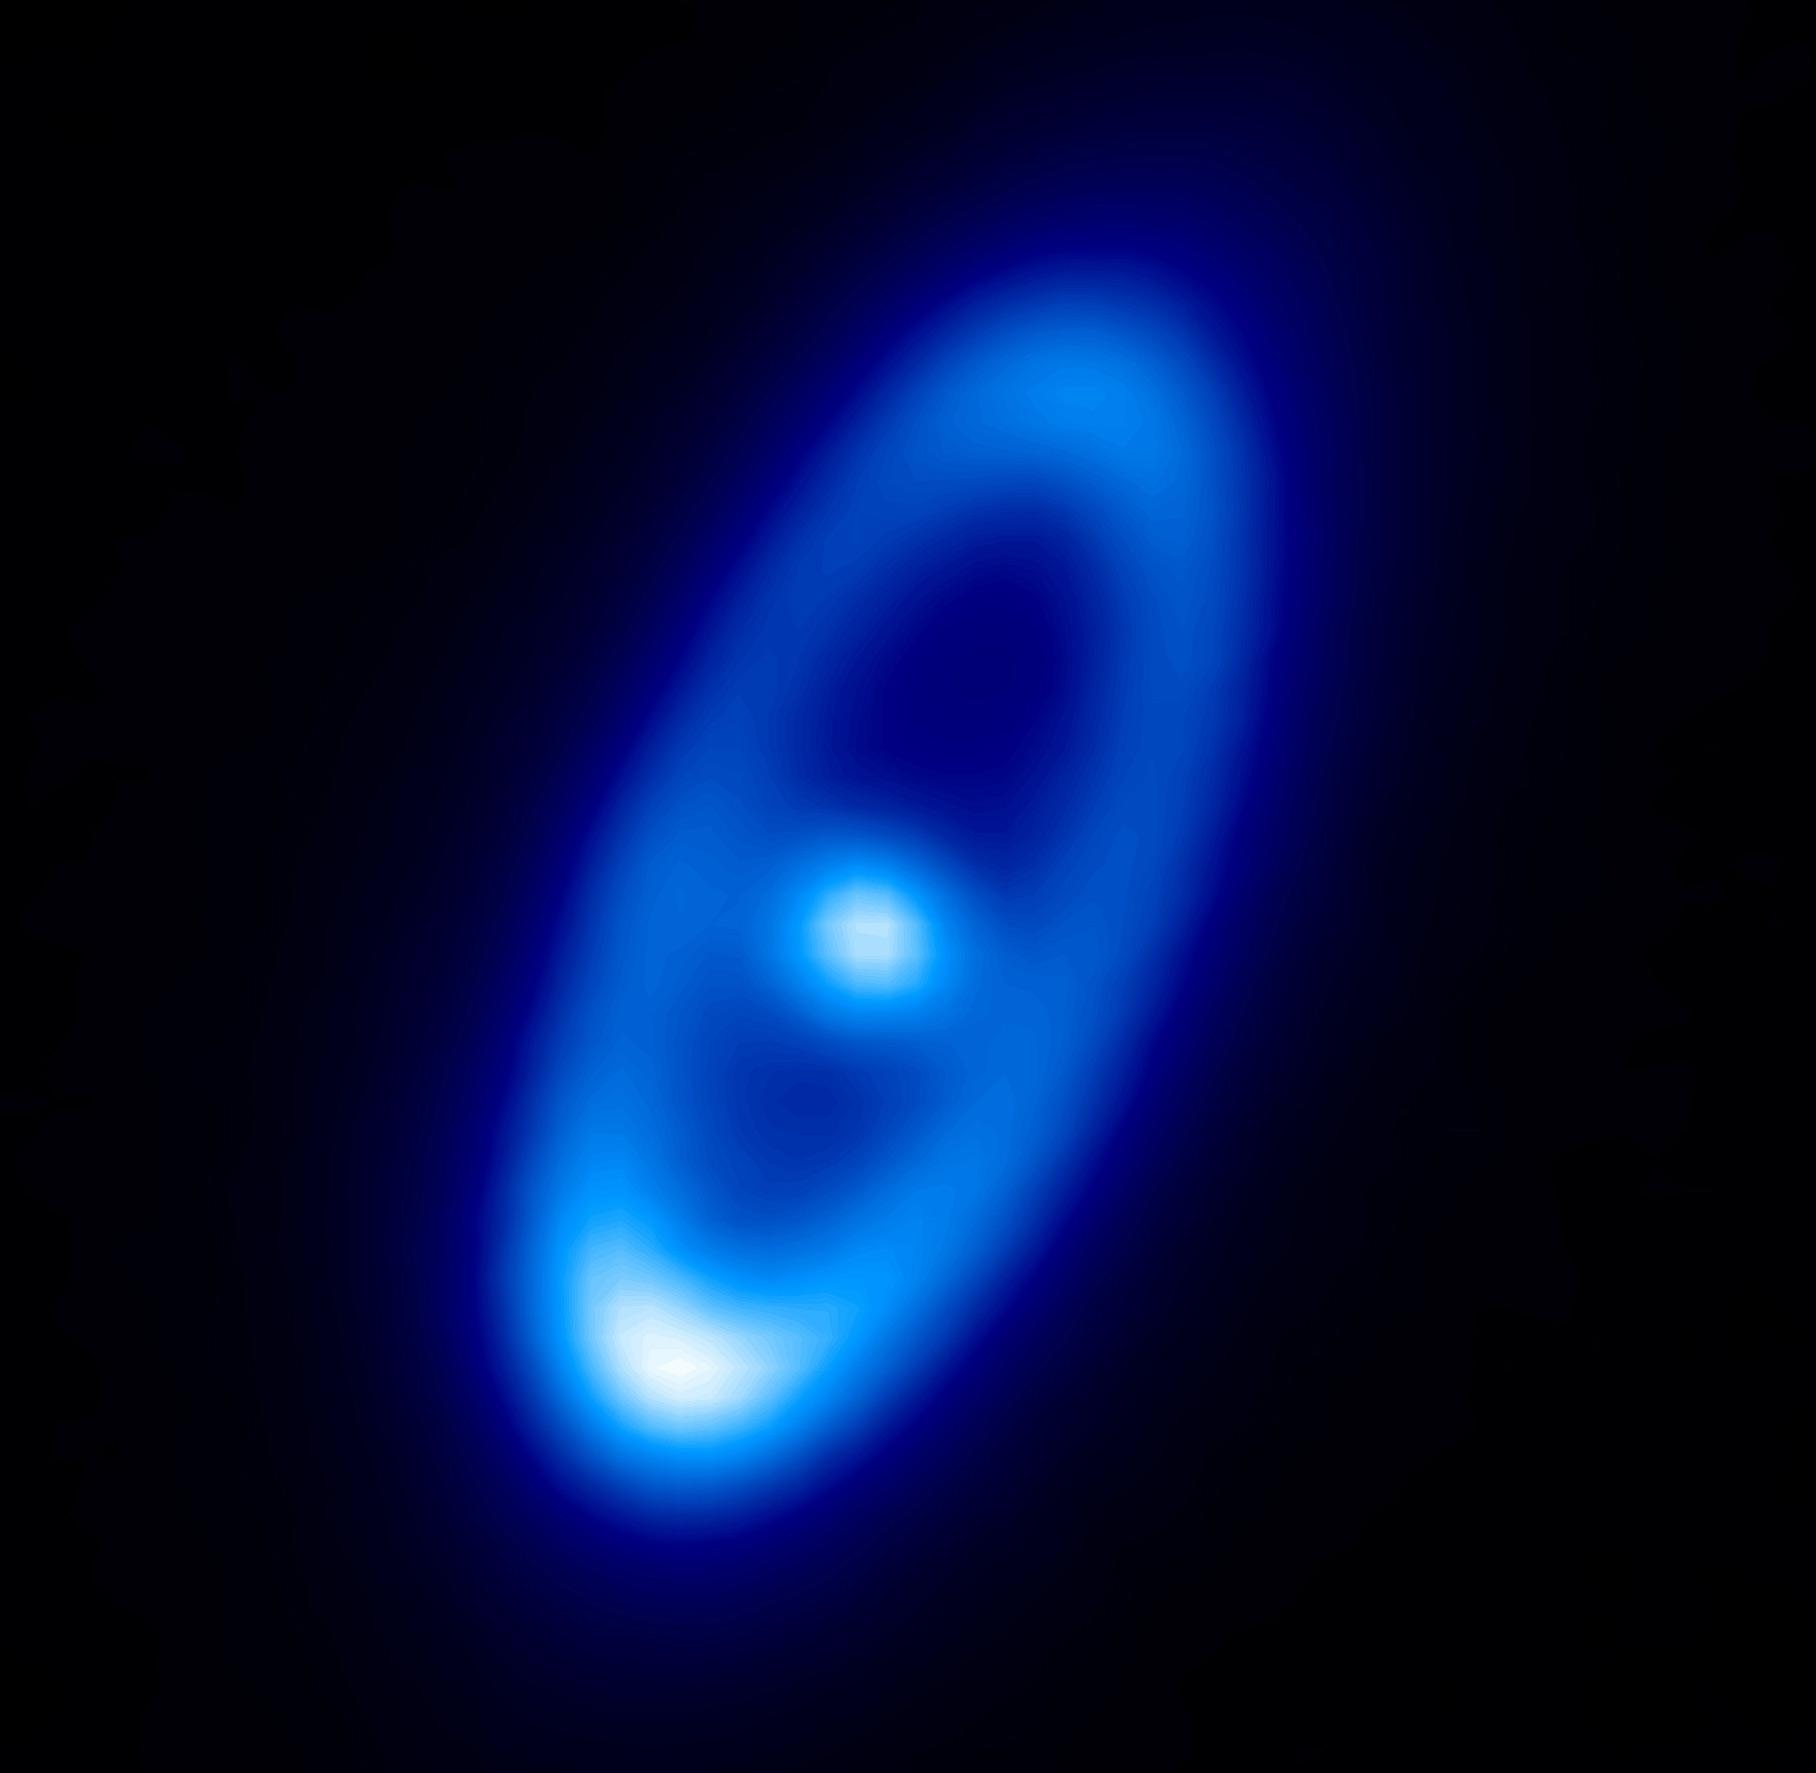 Herschel_Fomalhaut.jpg